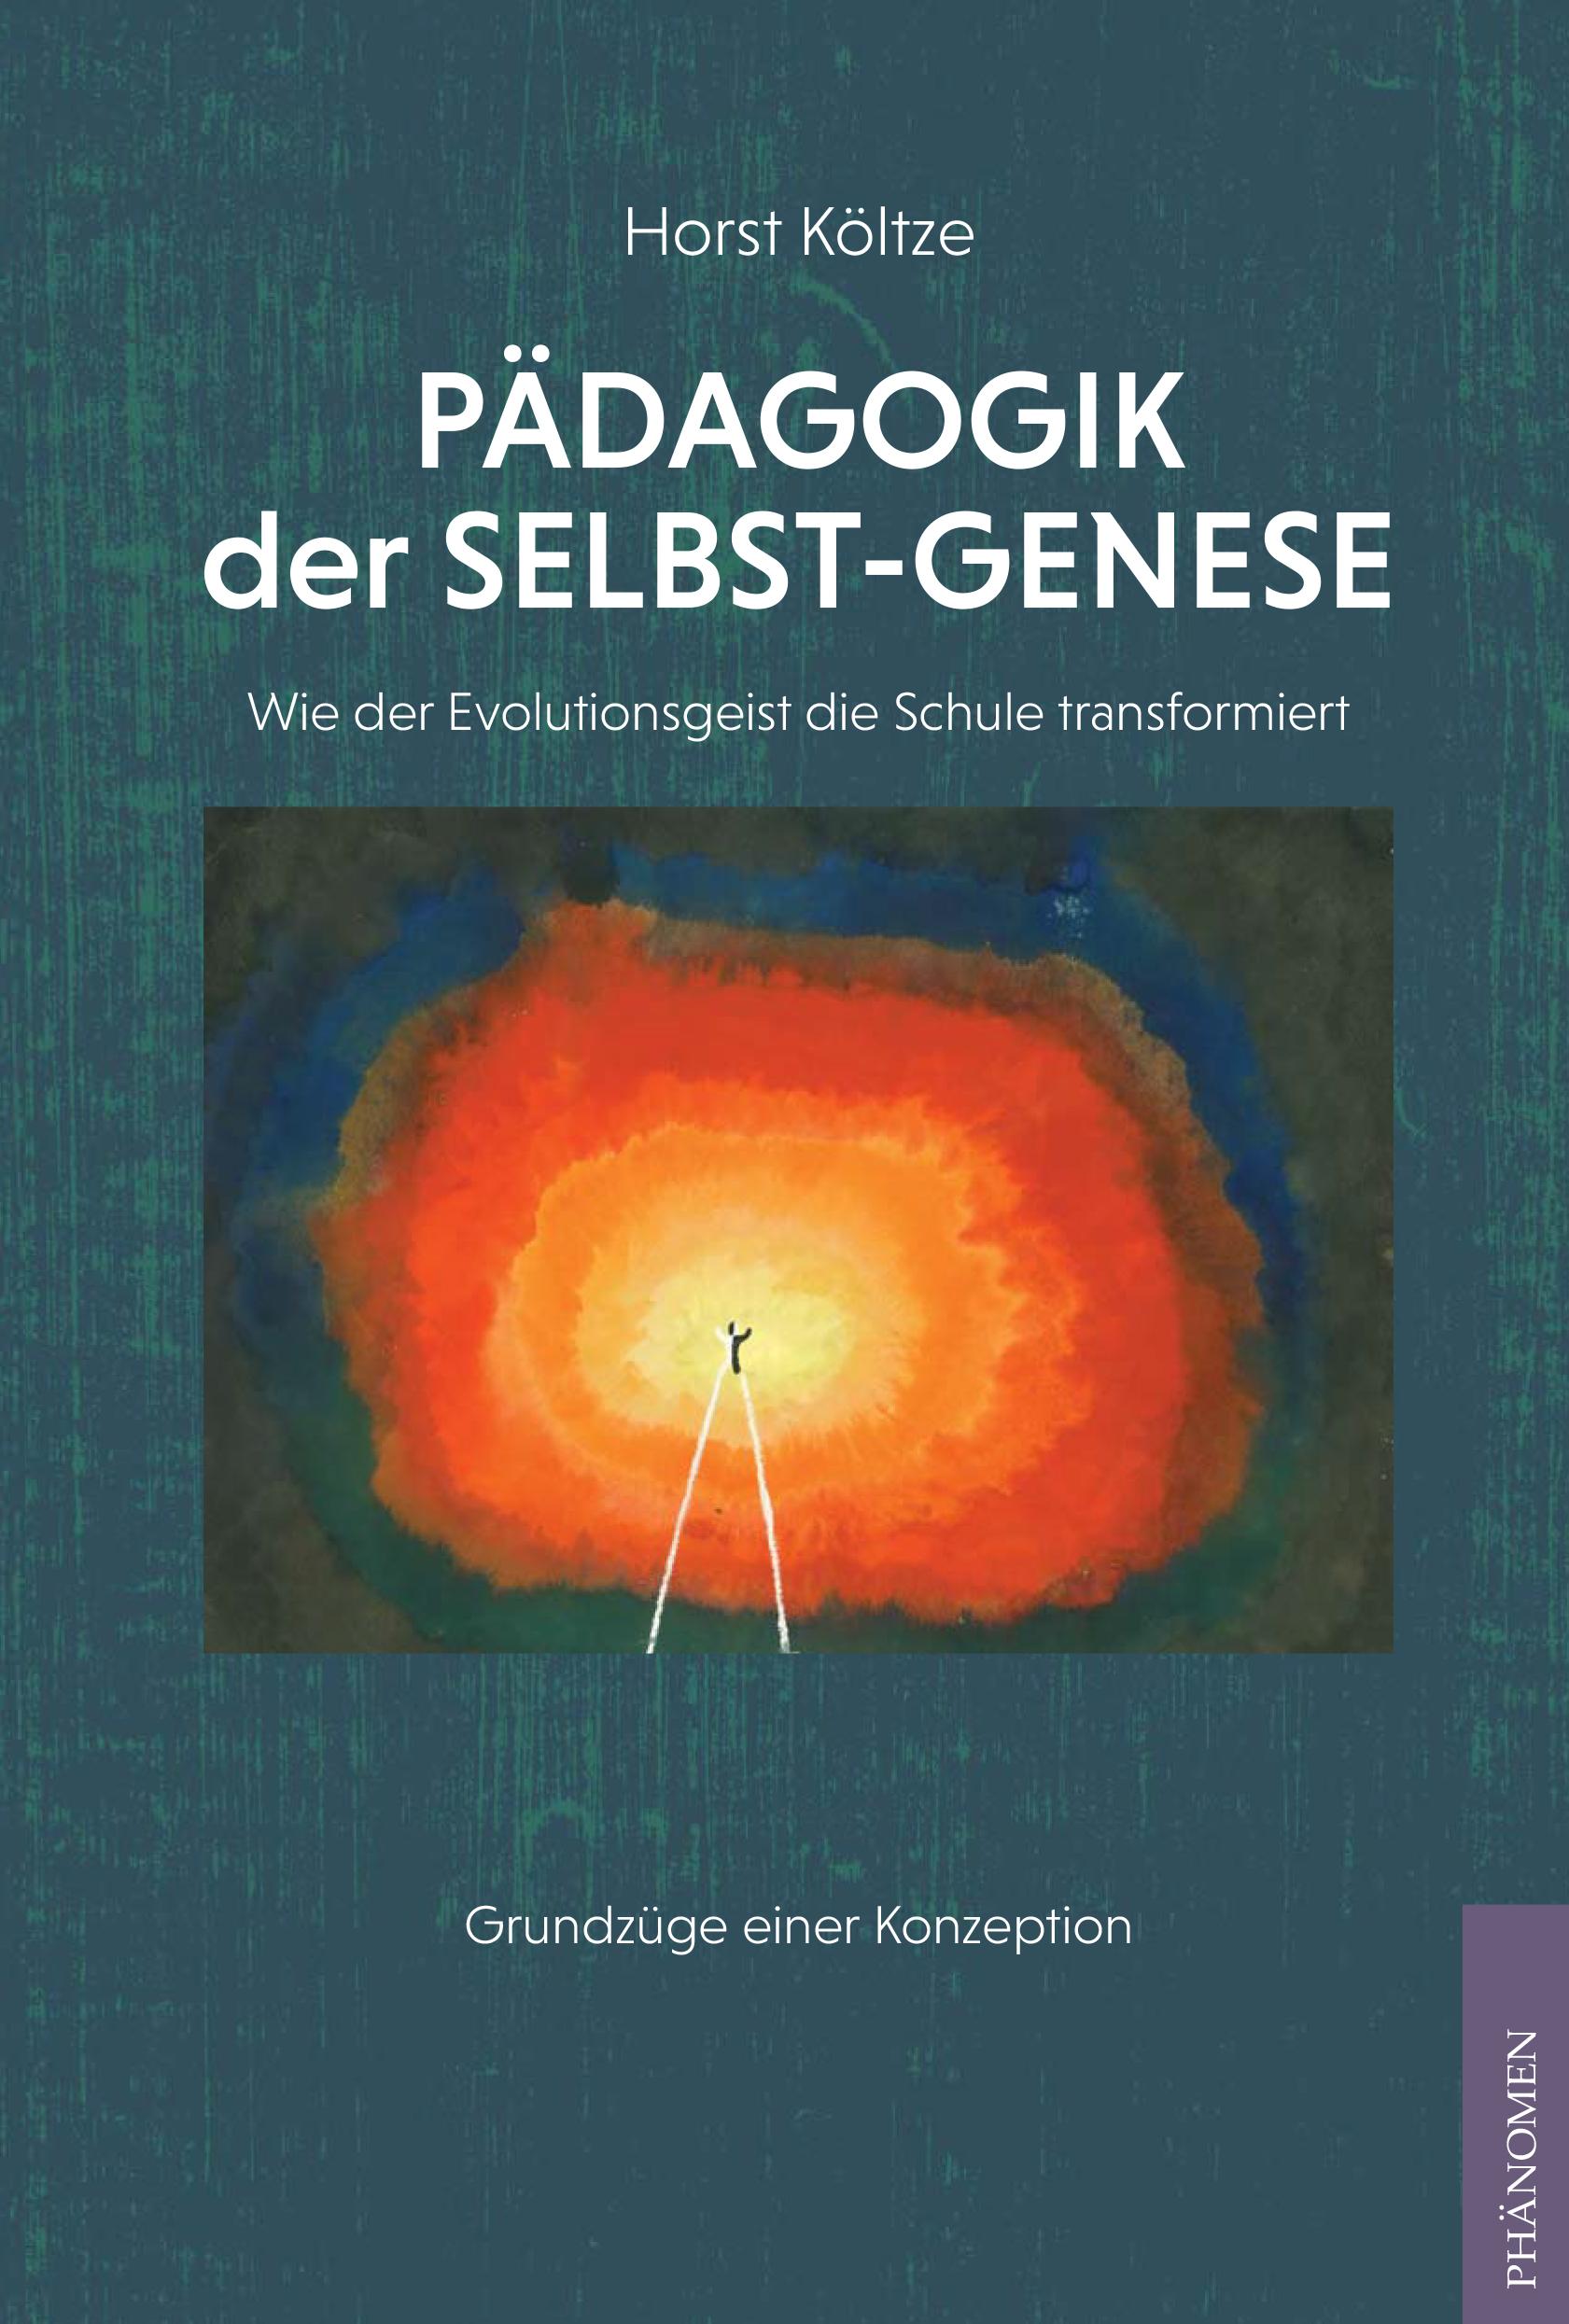 Horst Költze: Pädagogik der Selbst-Genetik